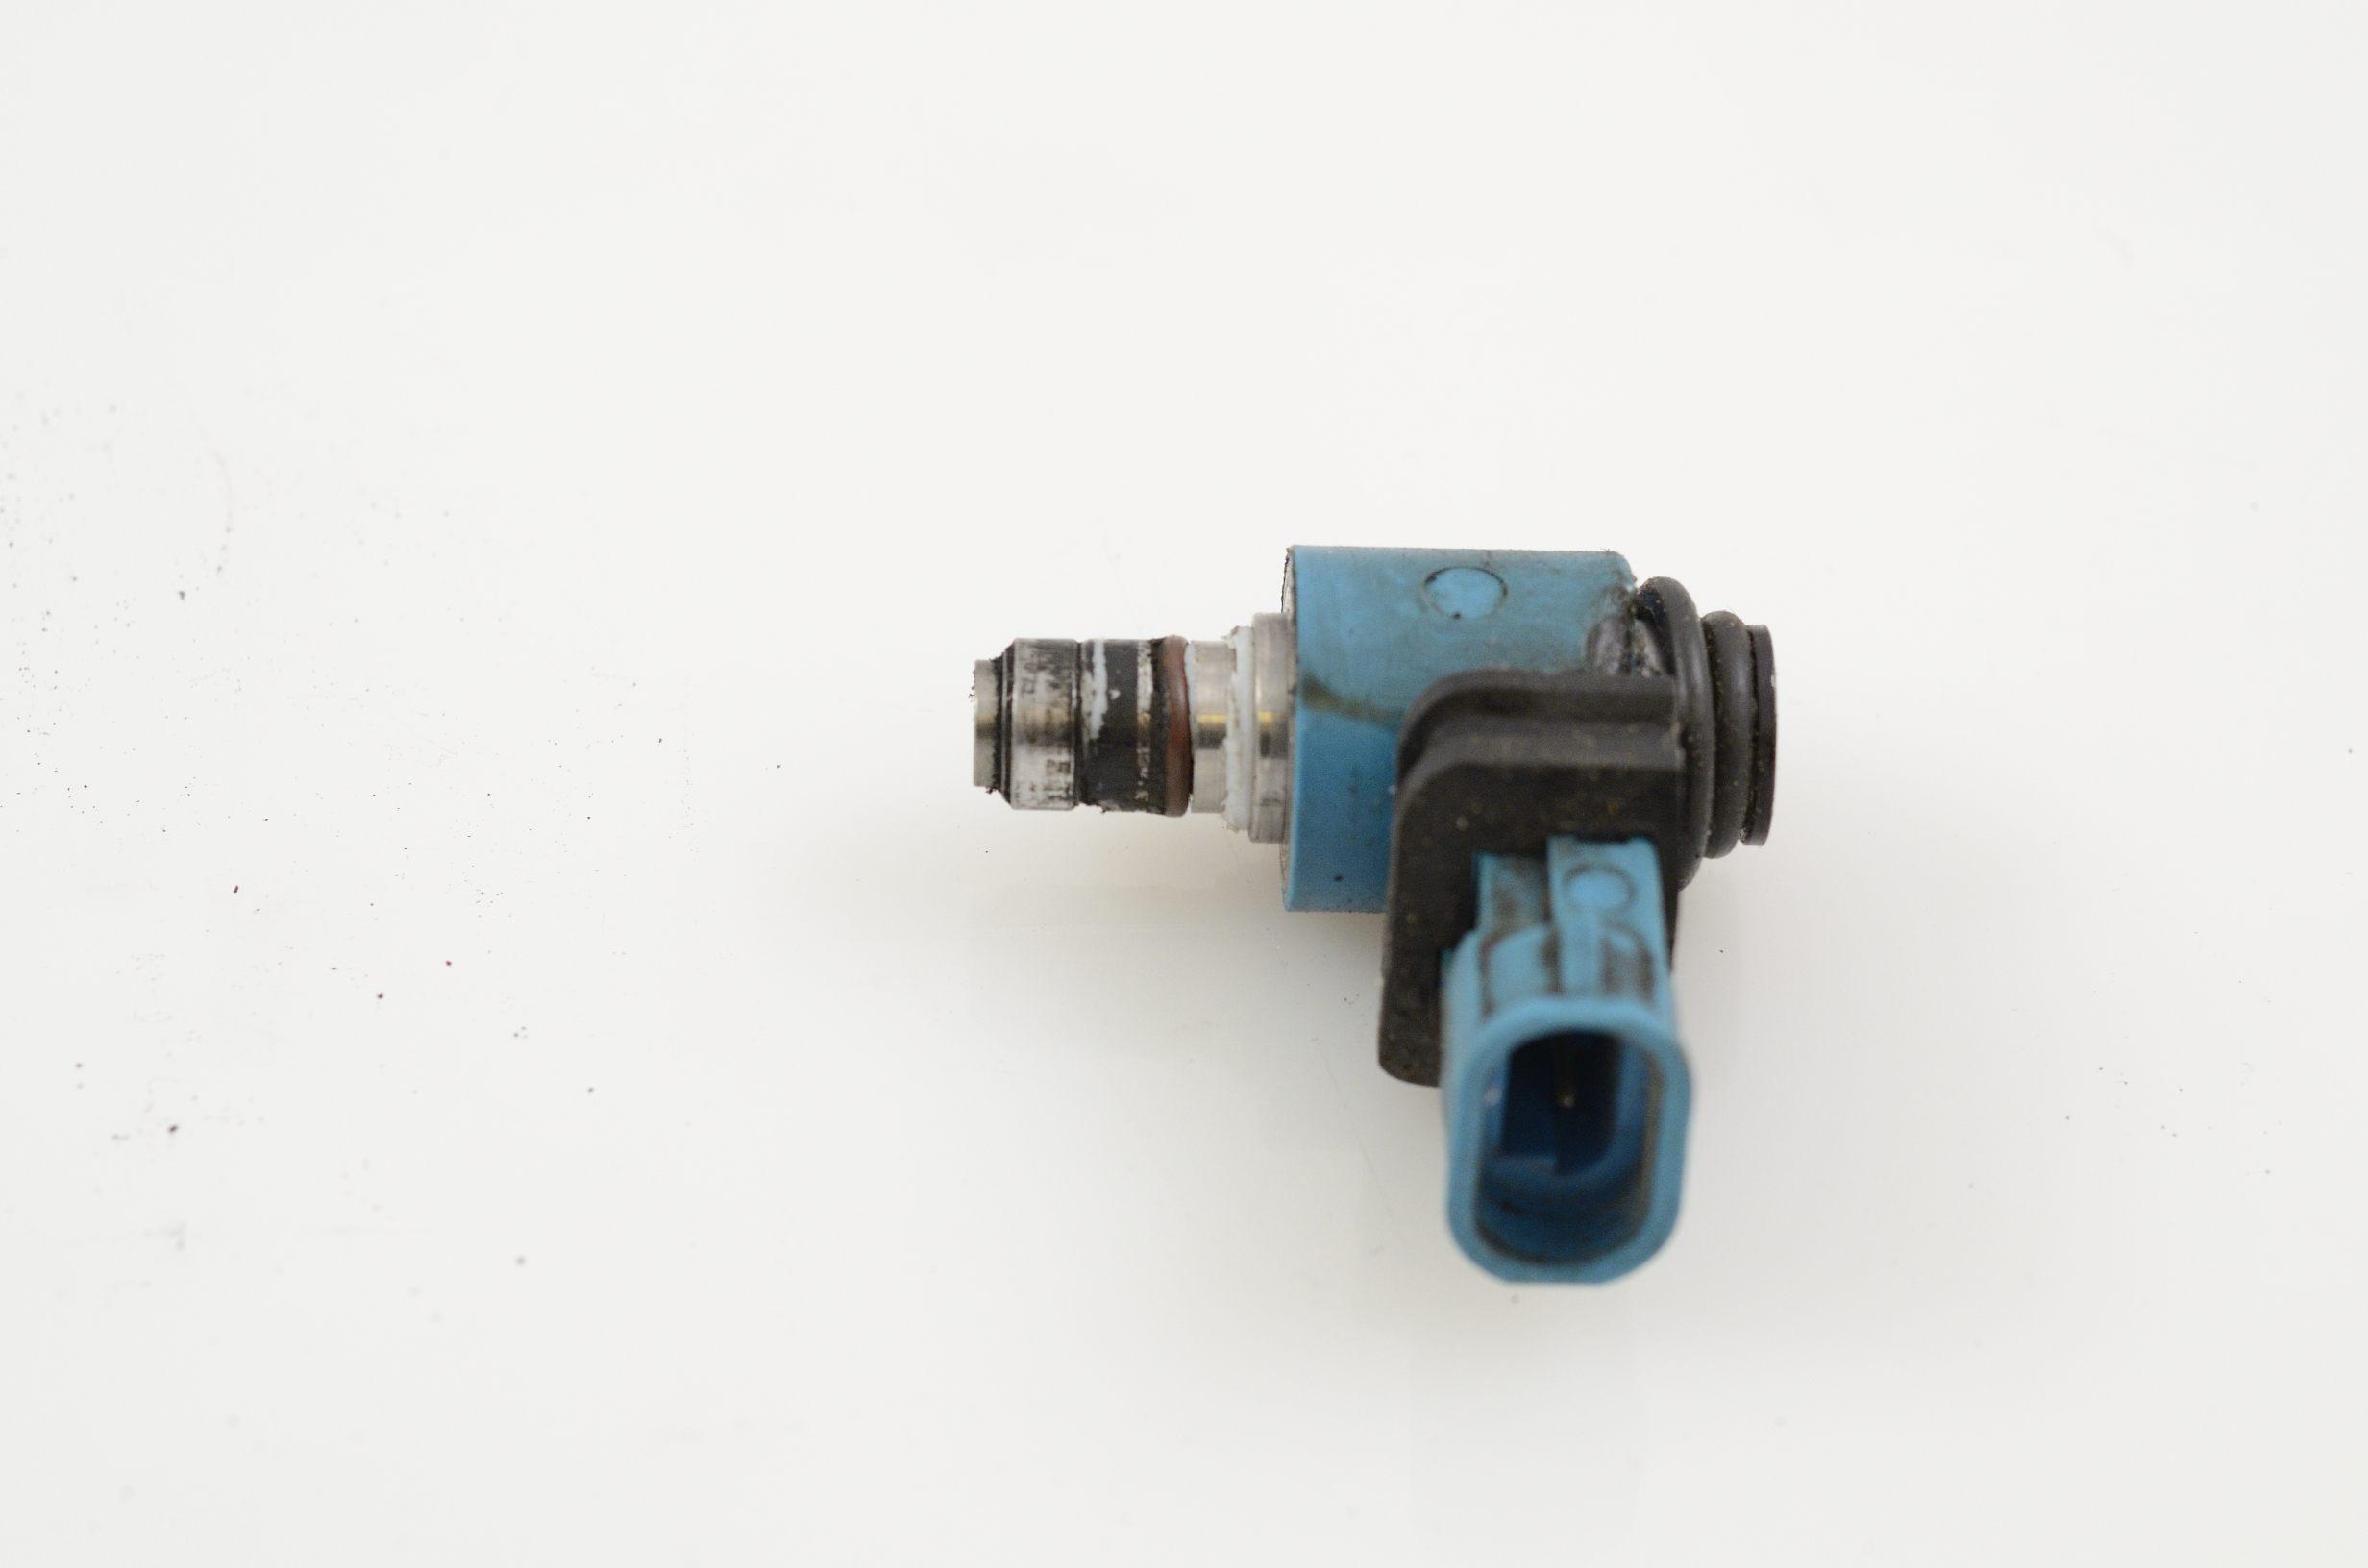 Genuine Piaggio Injector Aprilia Sr 50 Ditech with Seals SR50